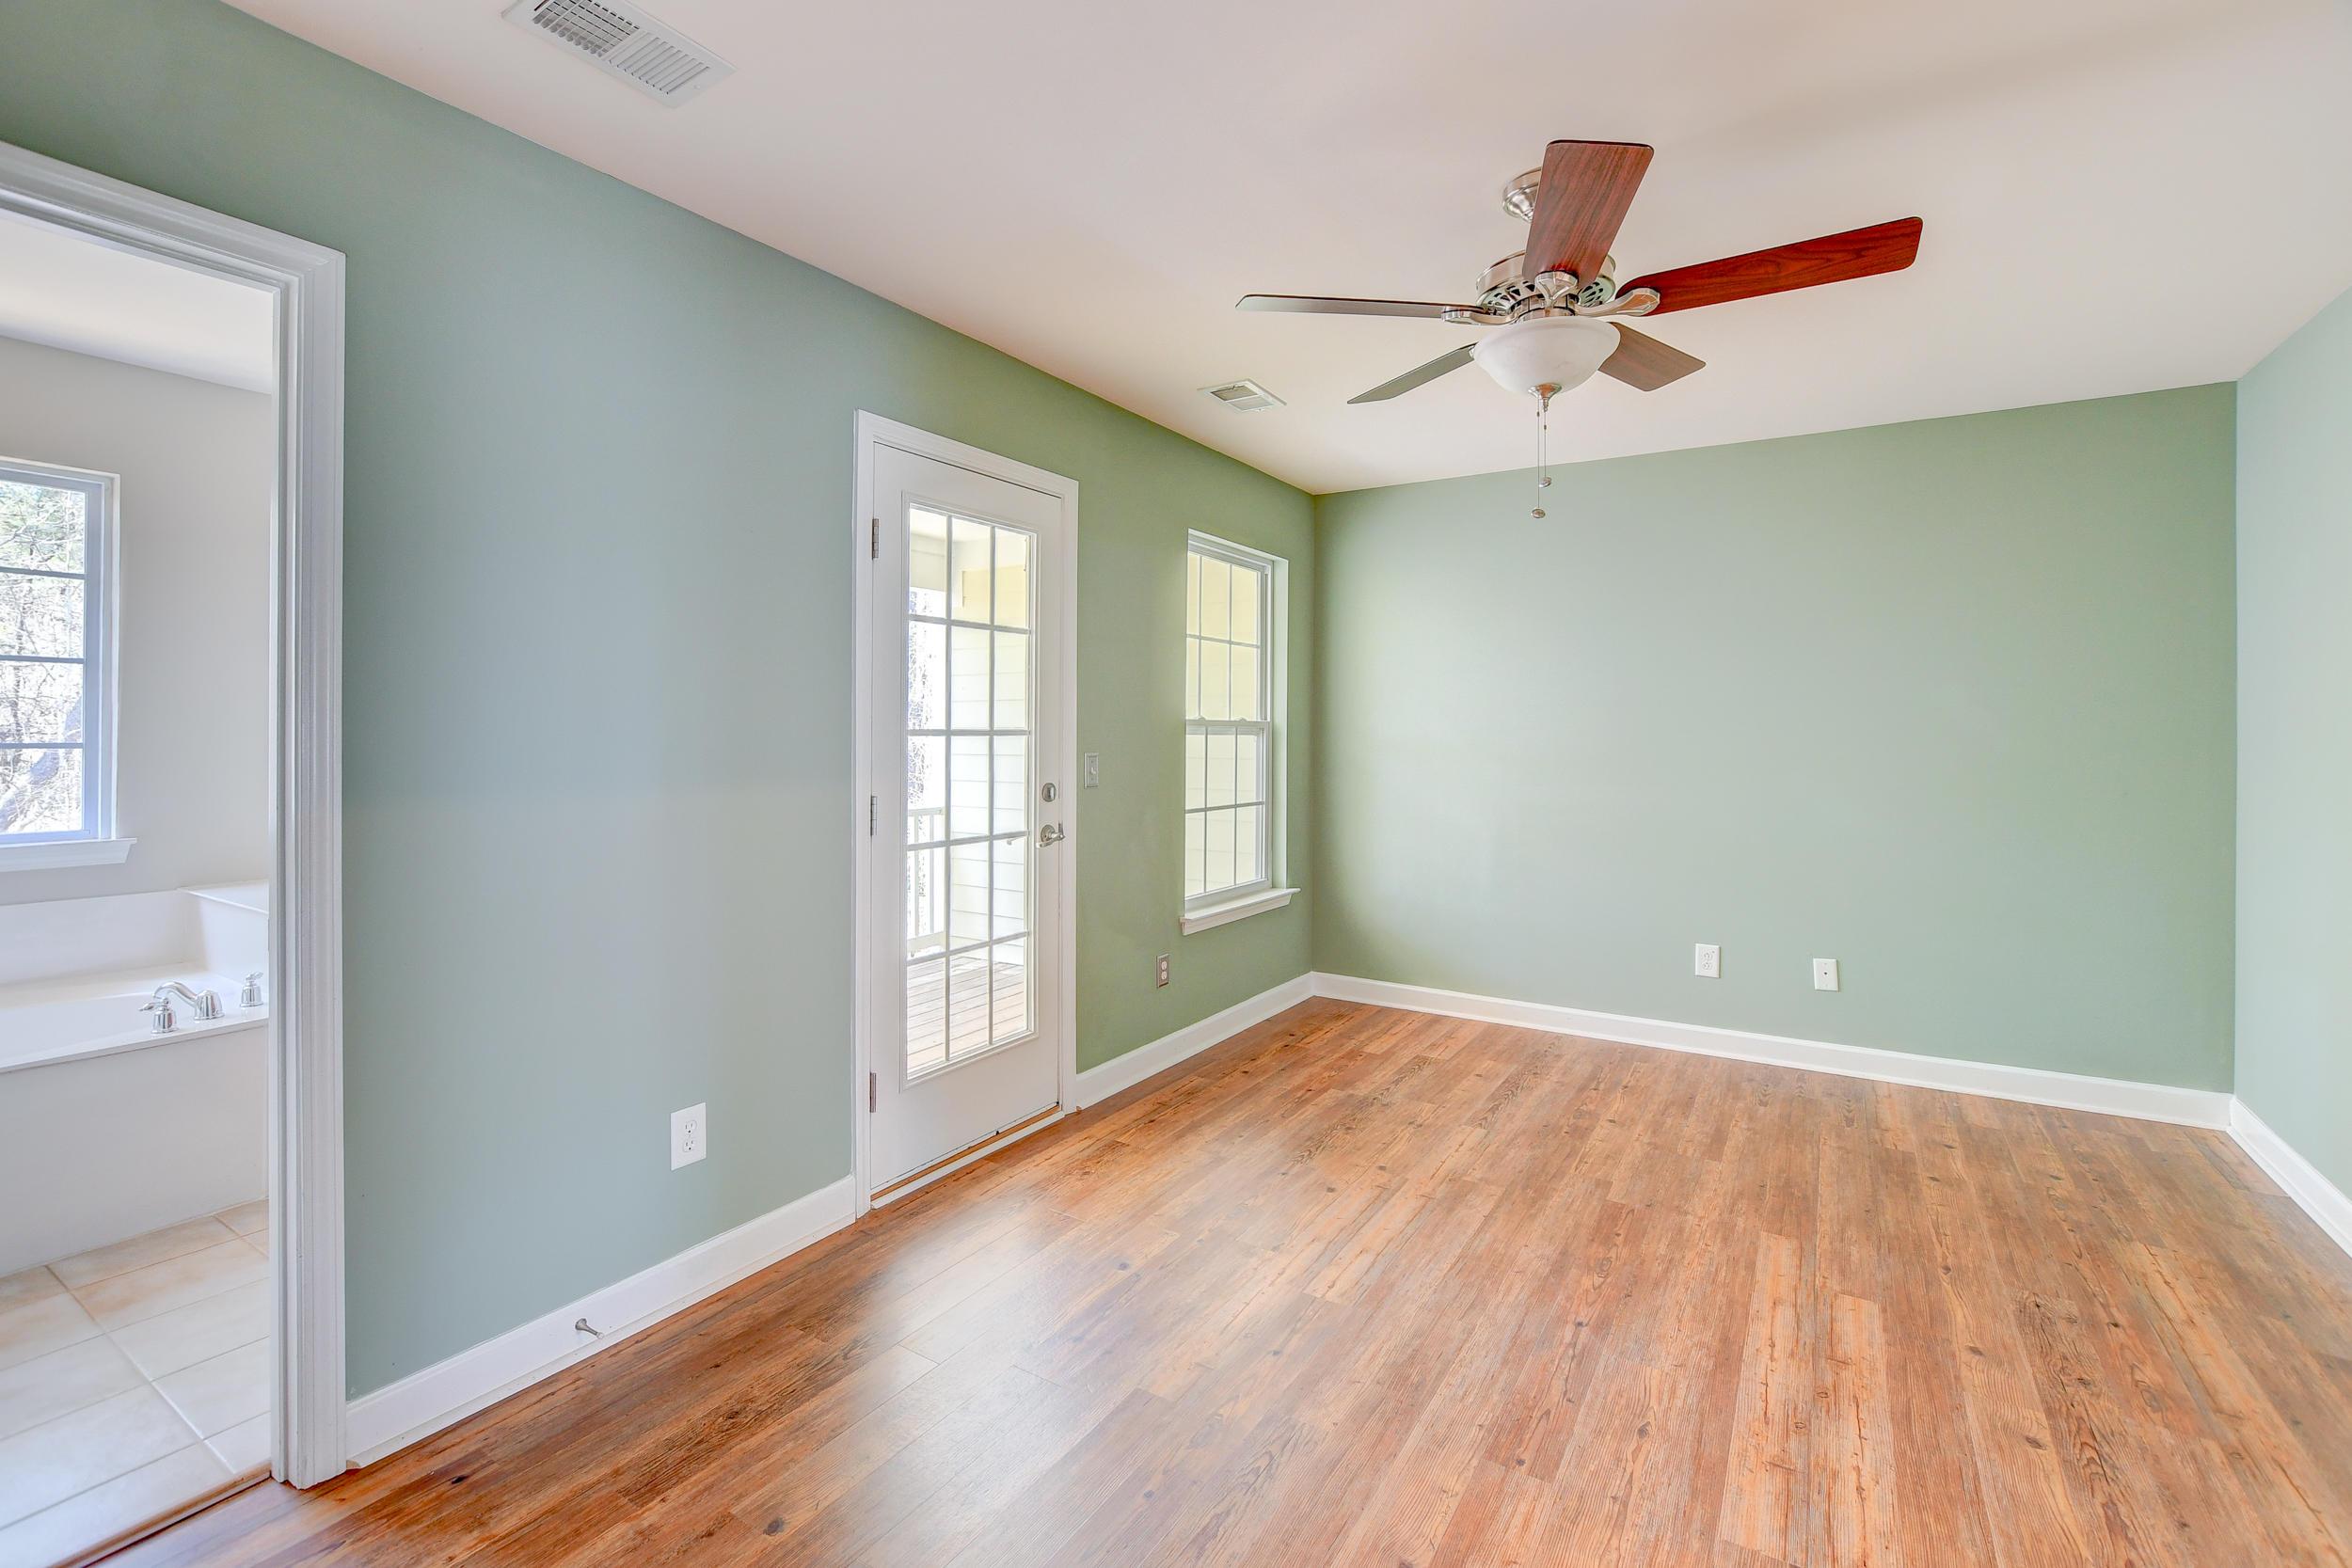 Park West Homes For Sale - 3545 Claremont, Mount Pleasant, SC - 36